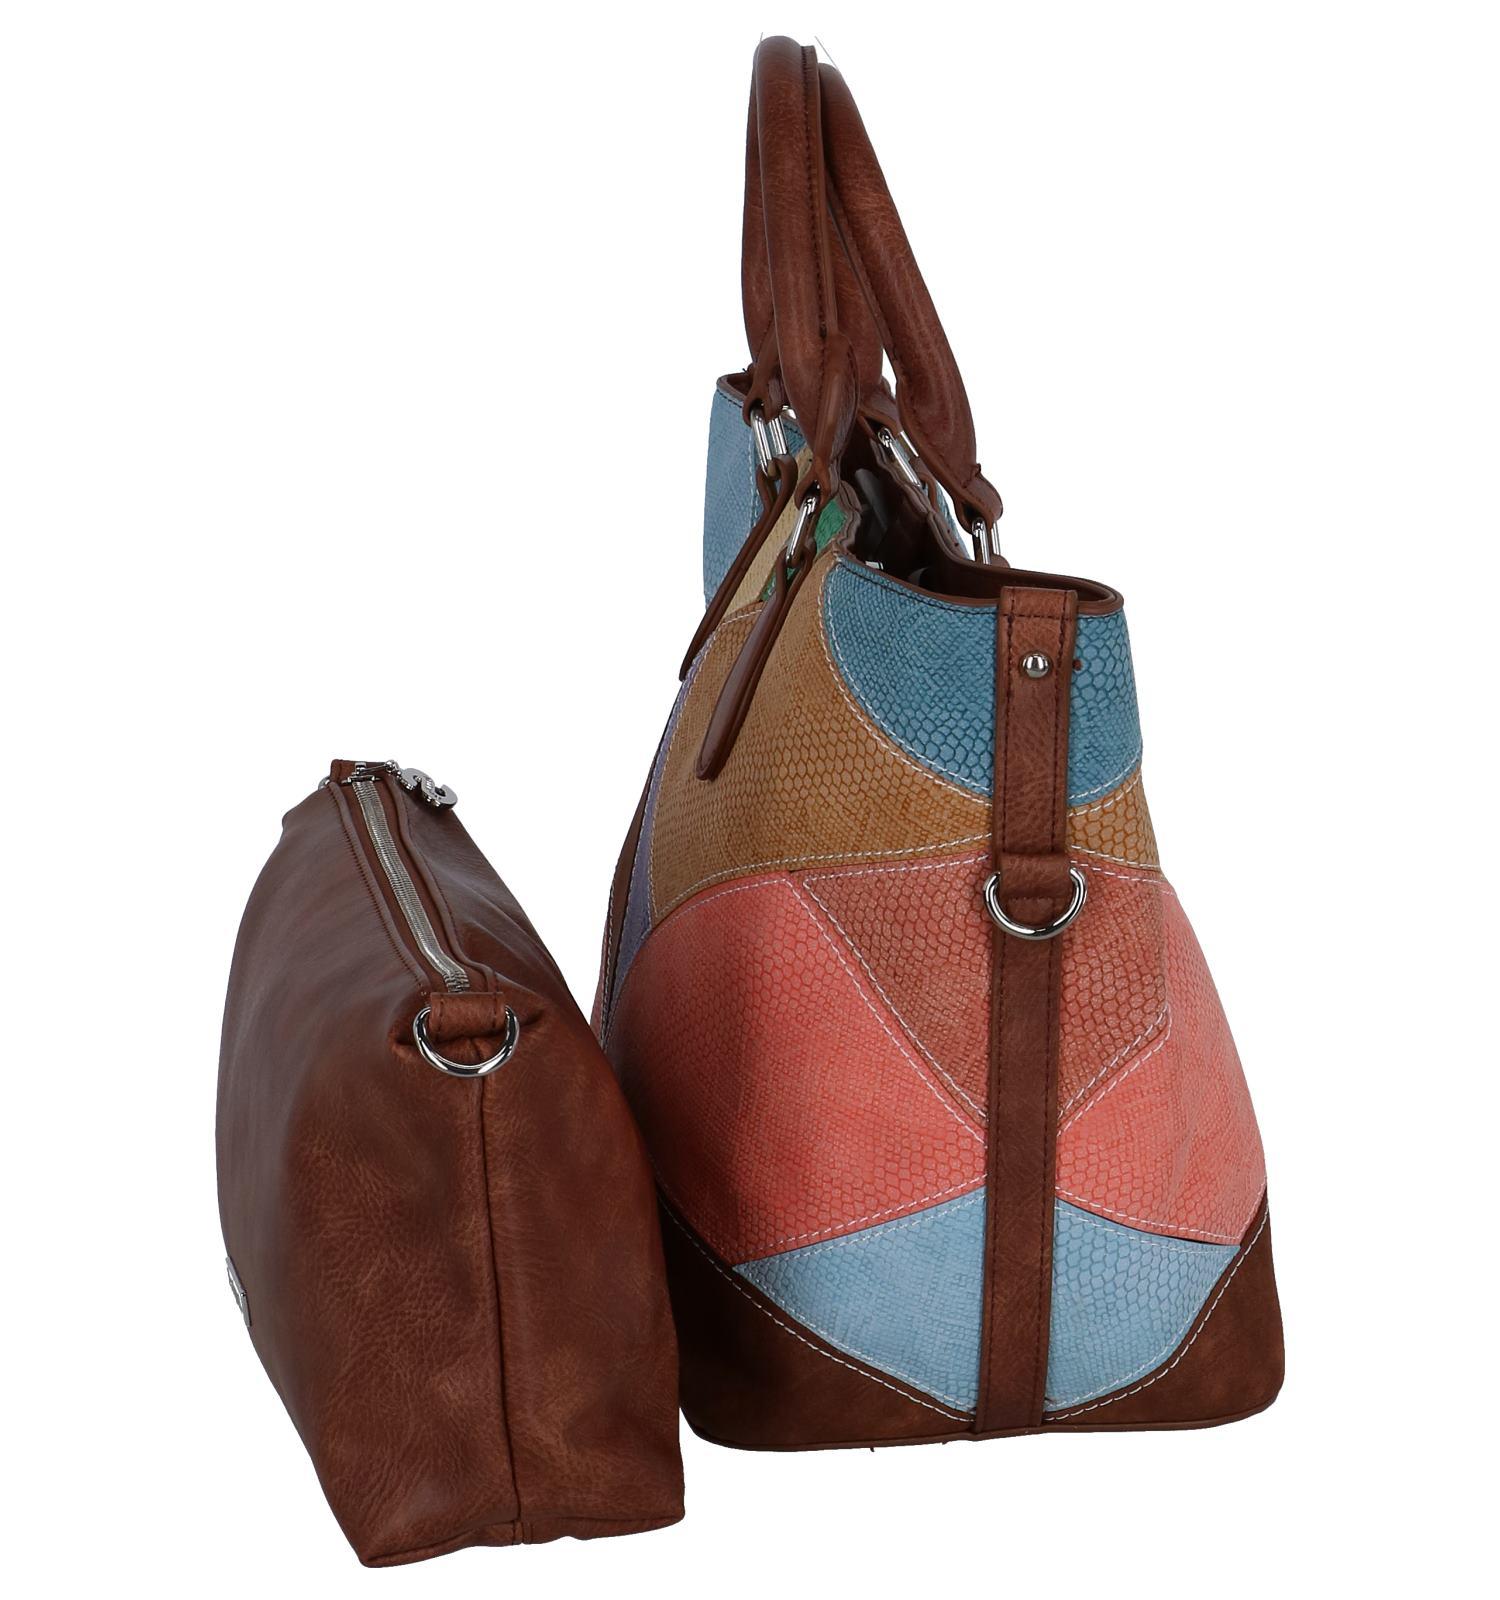 Desigual Bag Bag Handtas Desigual Handtas Bag Multicolor Multicolor In In In Multicolor lFKT31cJ